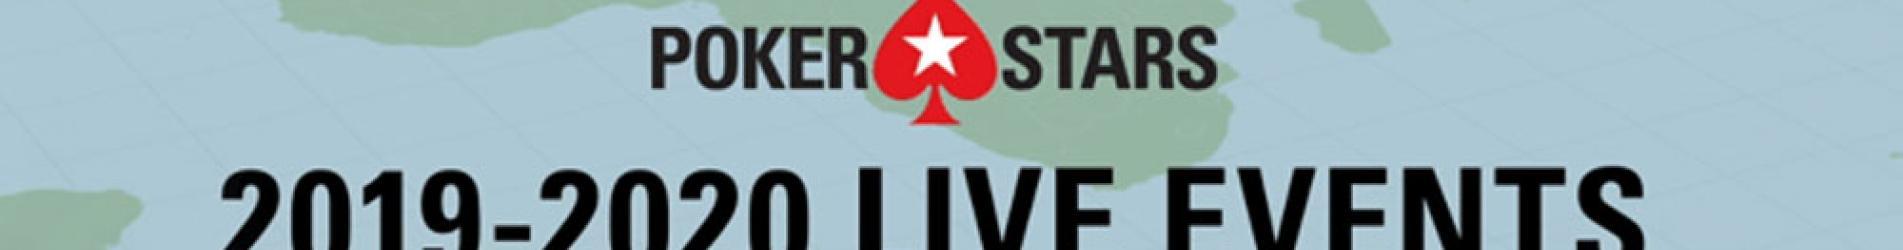 بوكرستارس تؤكد 21 حدثًا مباشر خلال عام 2020 - PokerStars